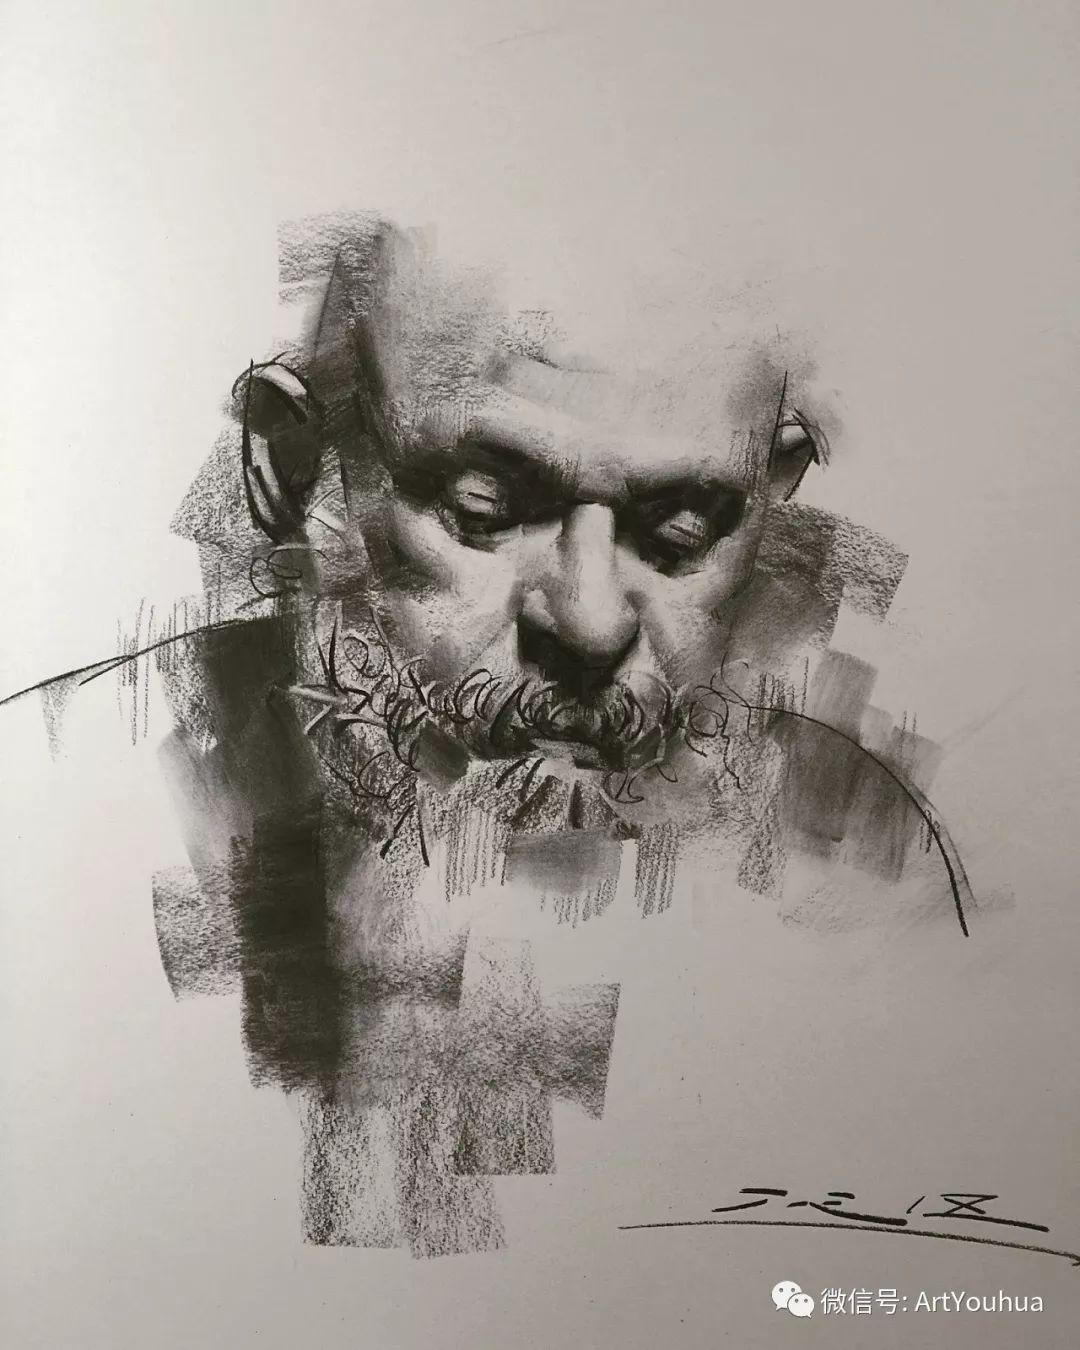 他的人物肖像绘画独具一格 还是位80后画家插图83